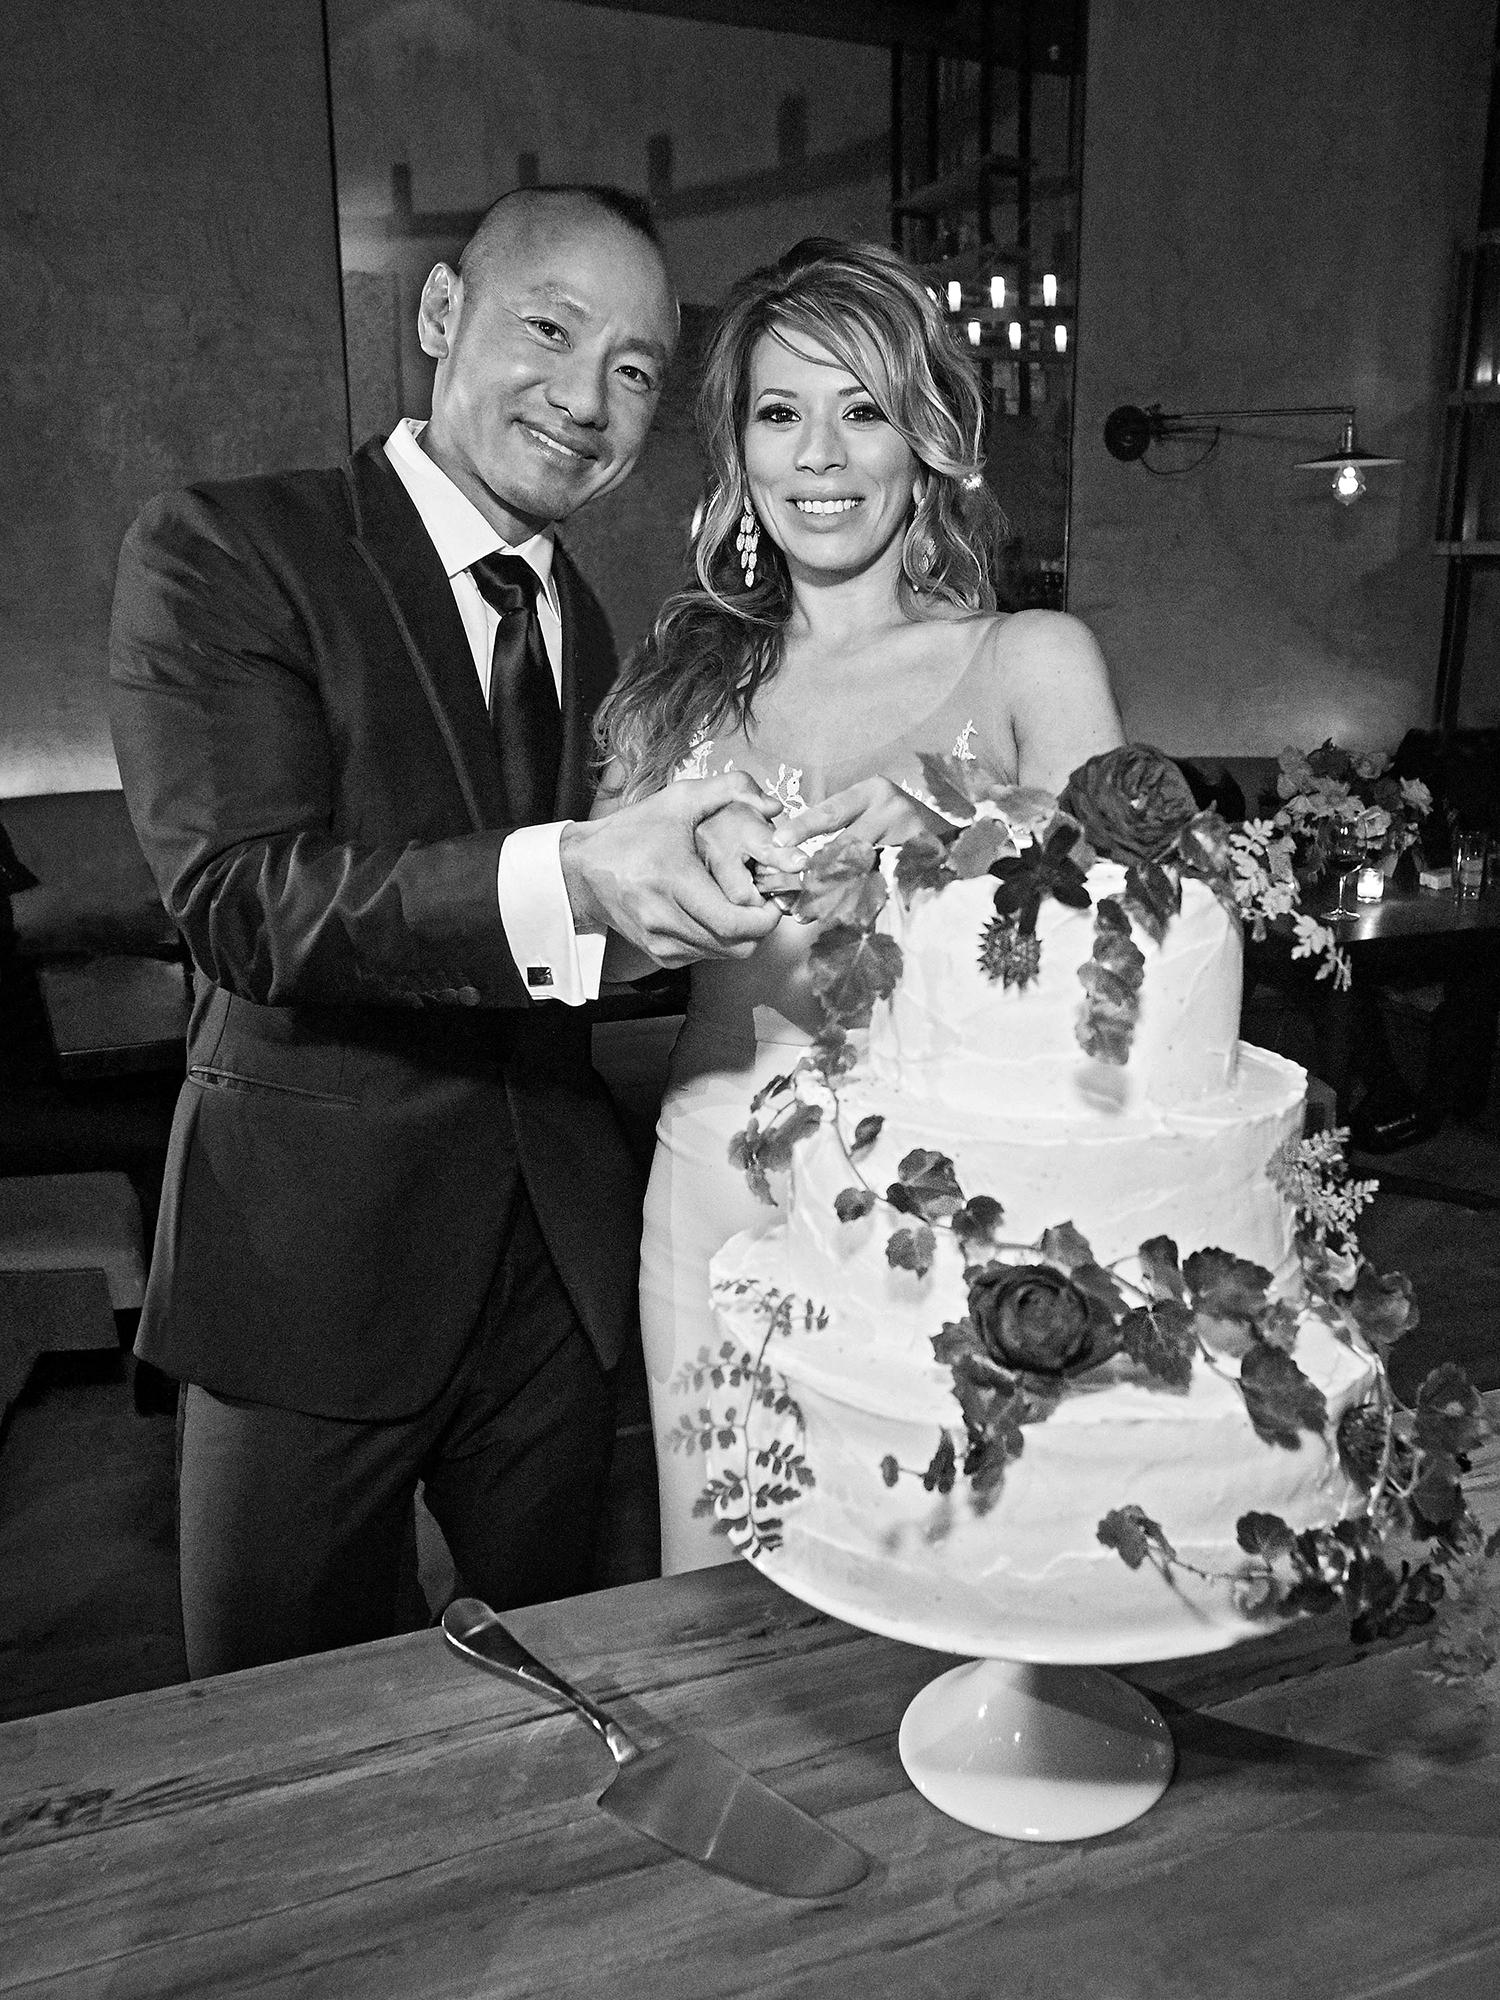 daisy eugene wedding cutting cake